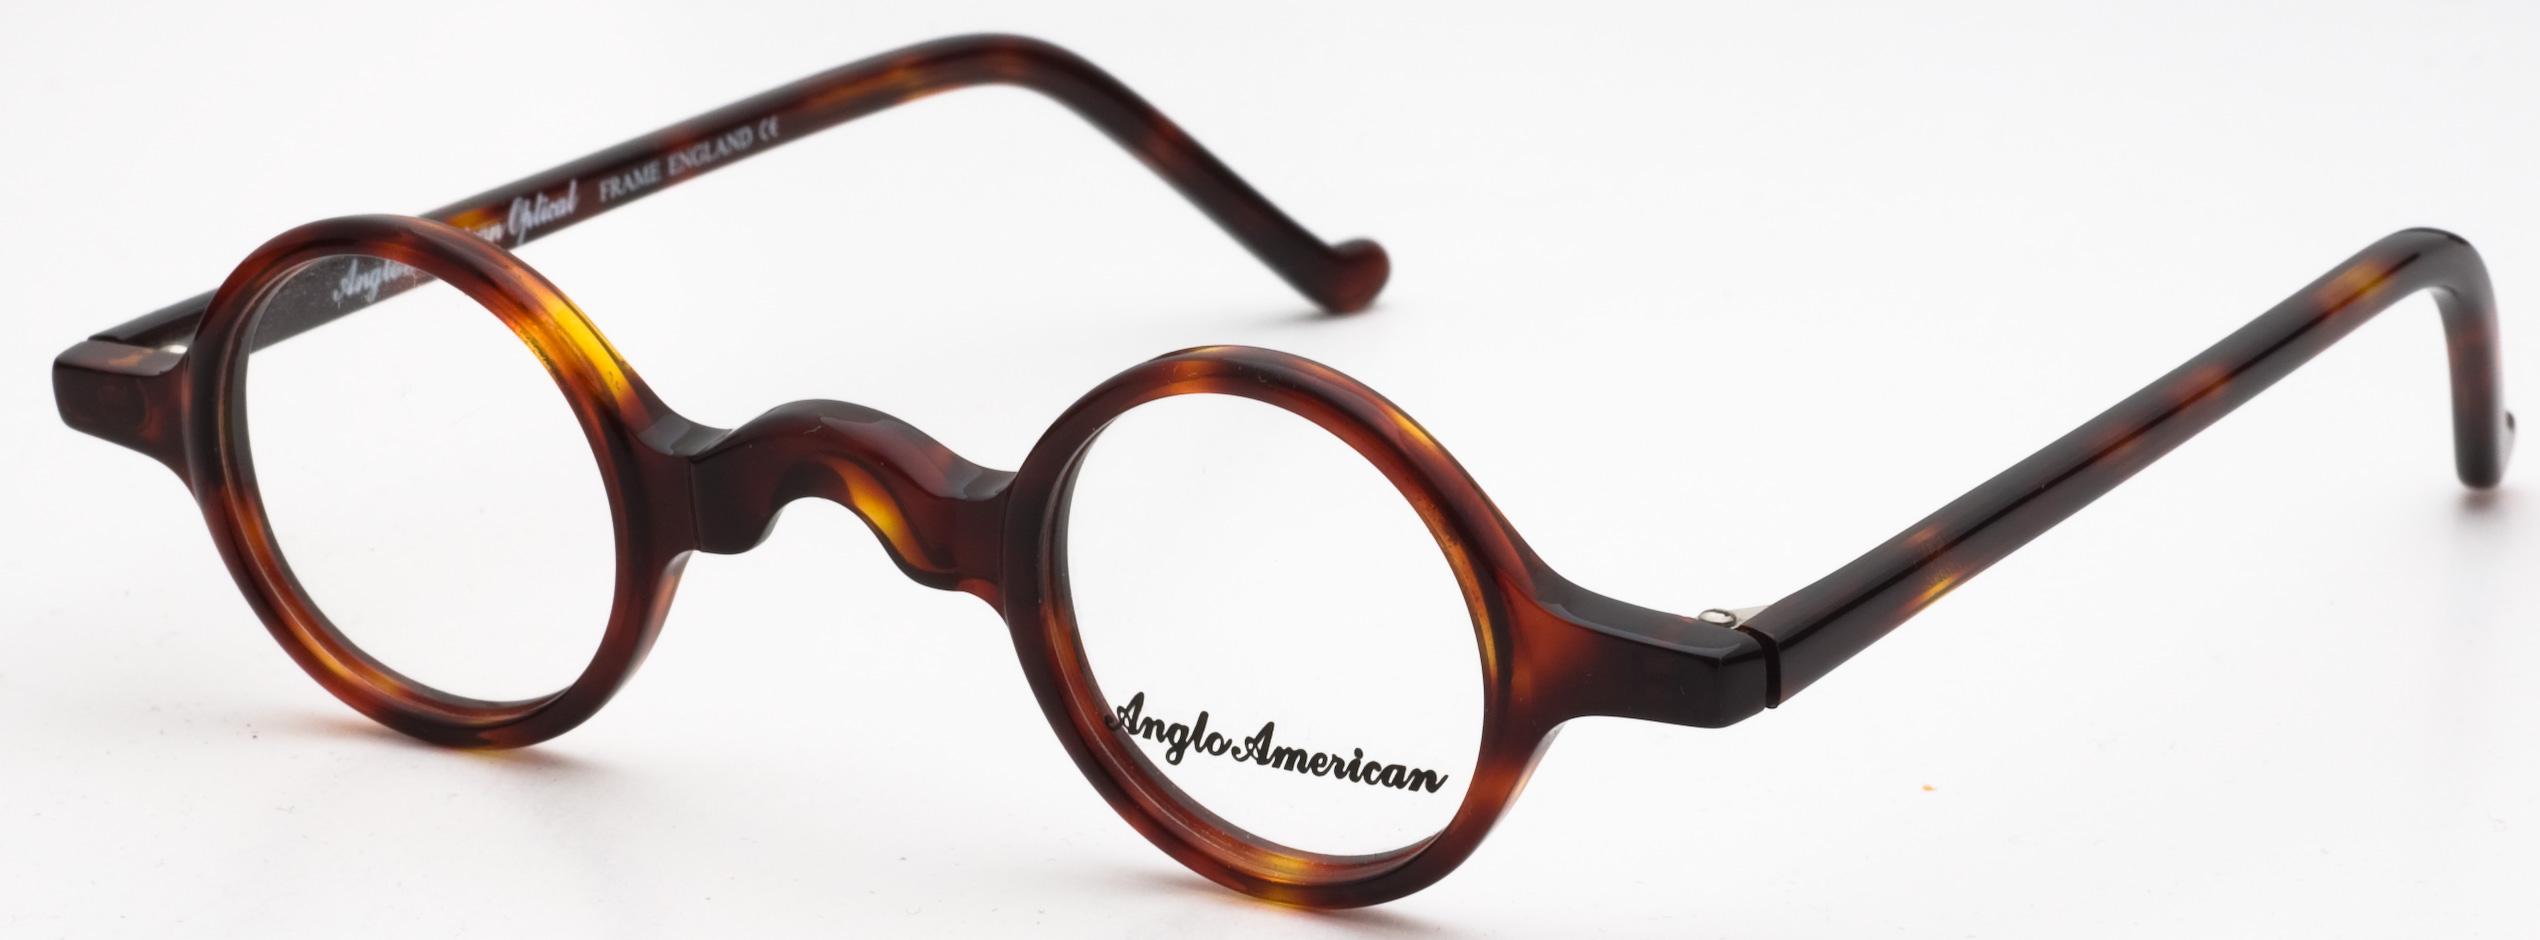 96e0c91f74 SKU- AA 400 Eyeglasses